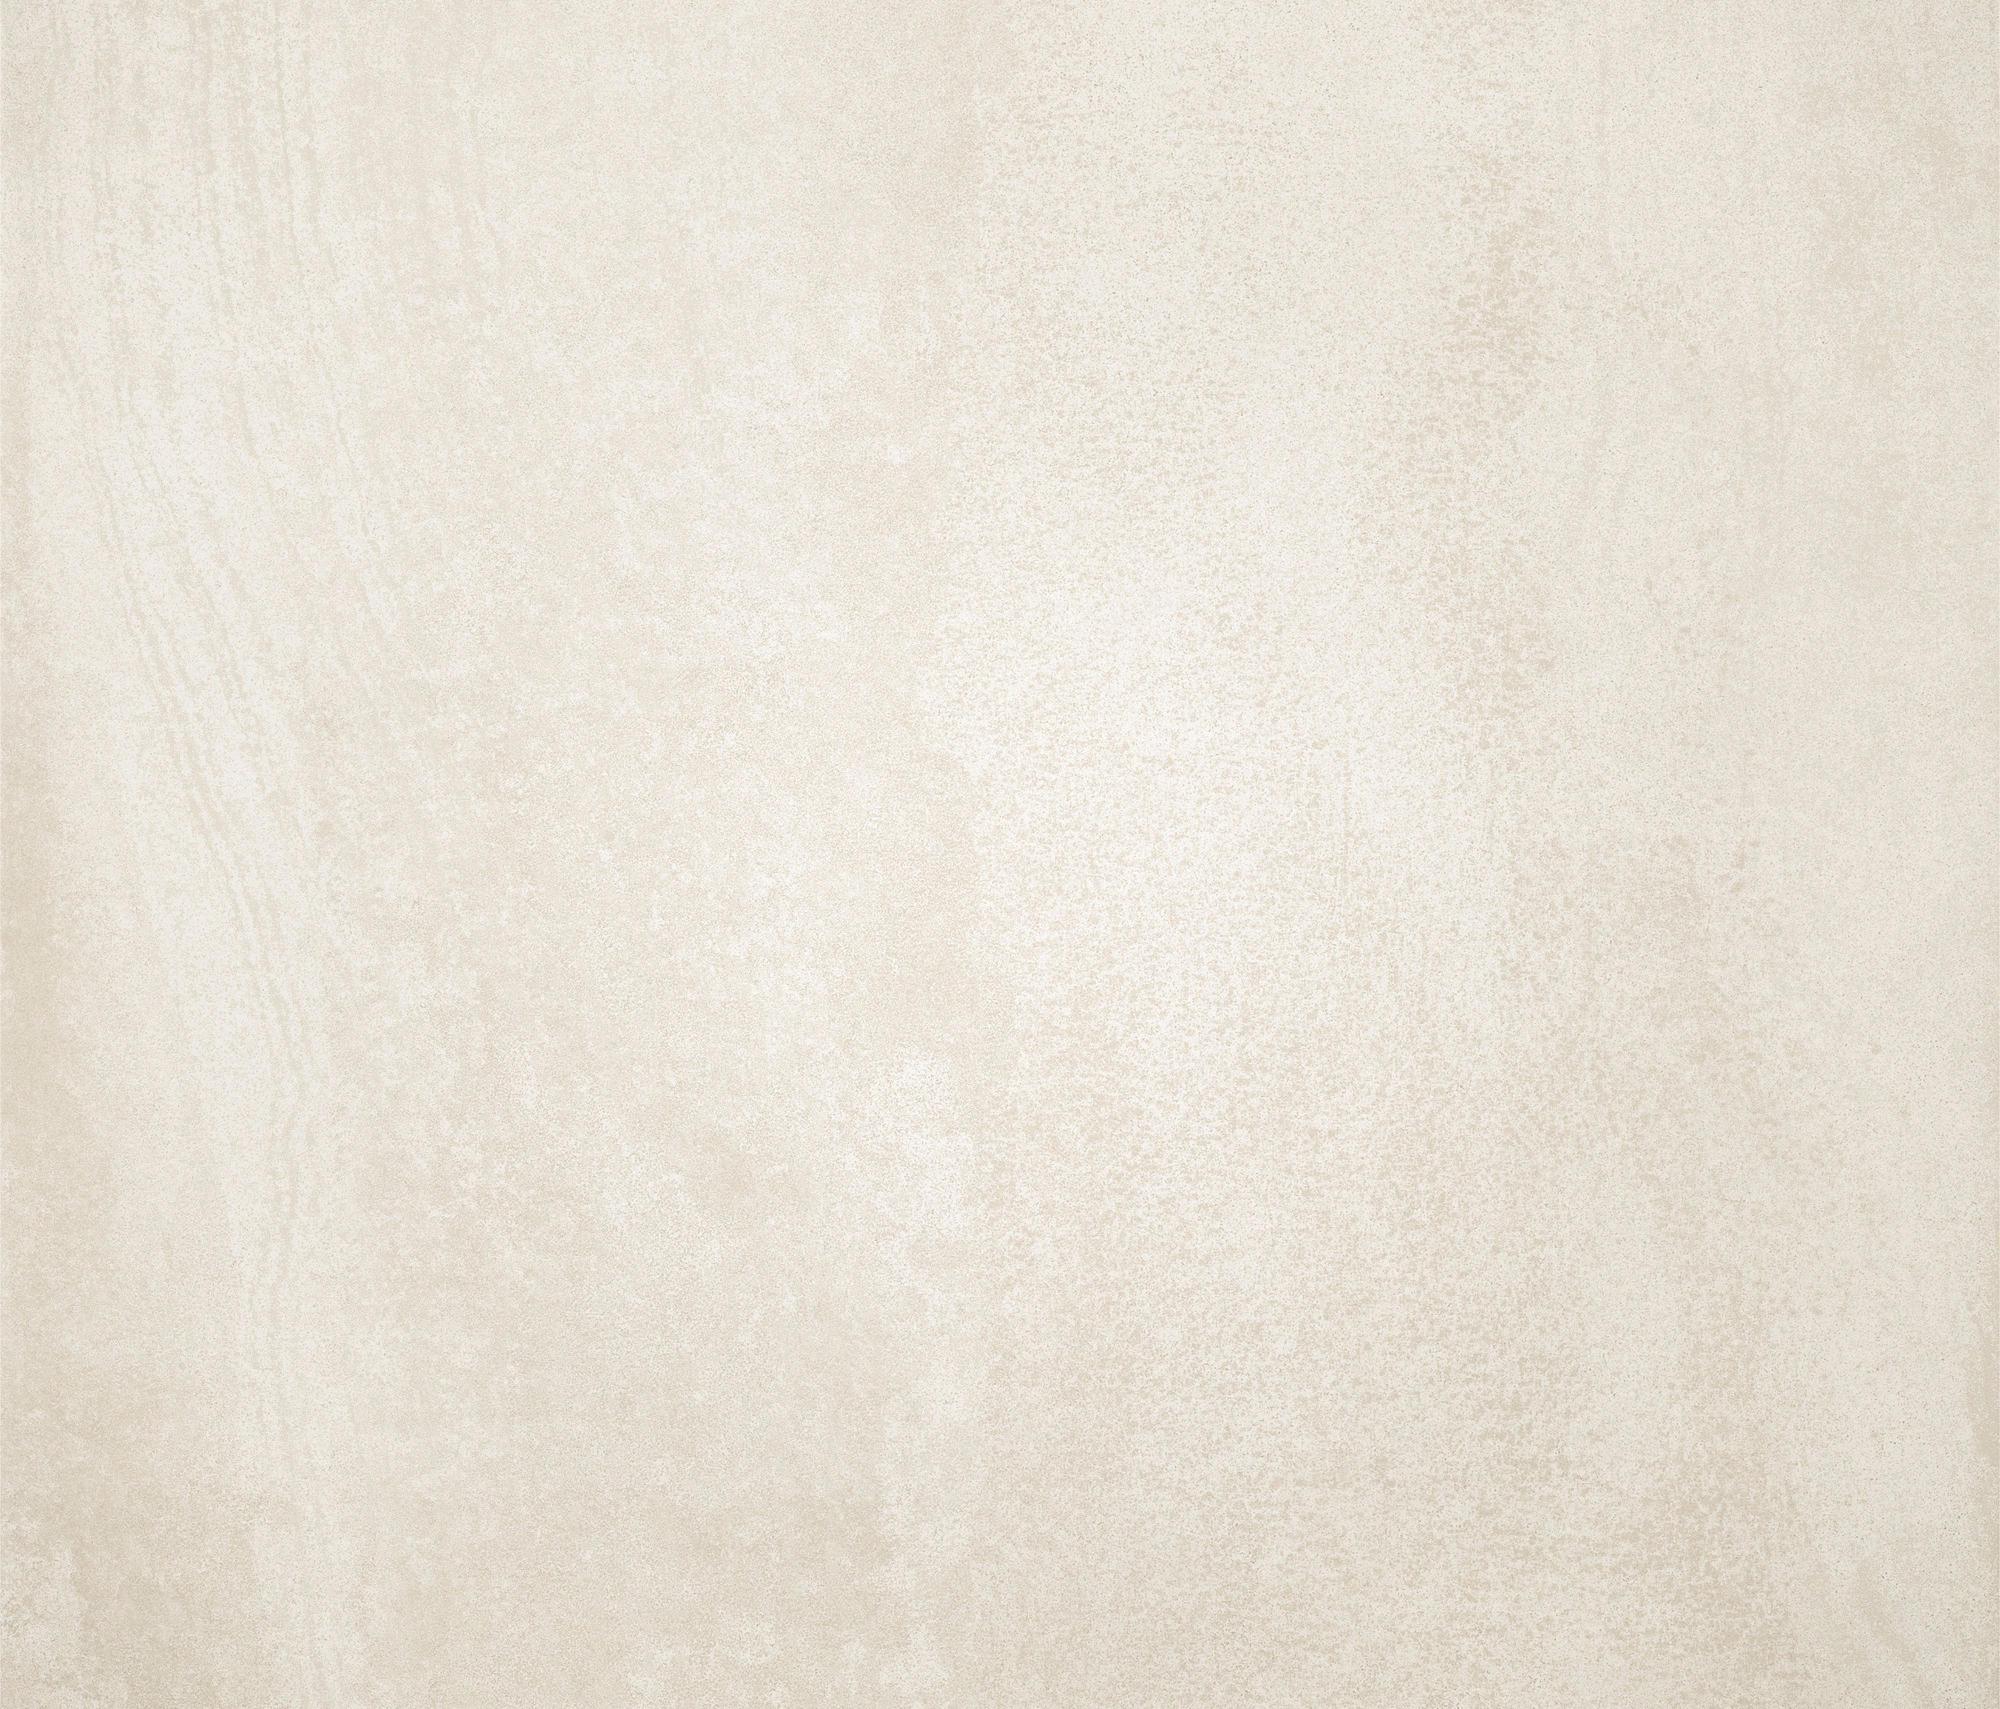 Moderne fliesen textur  EVOQUE WHITE FLOOR - Bodenfliesen von Fap Ceramiche | Architonic